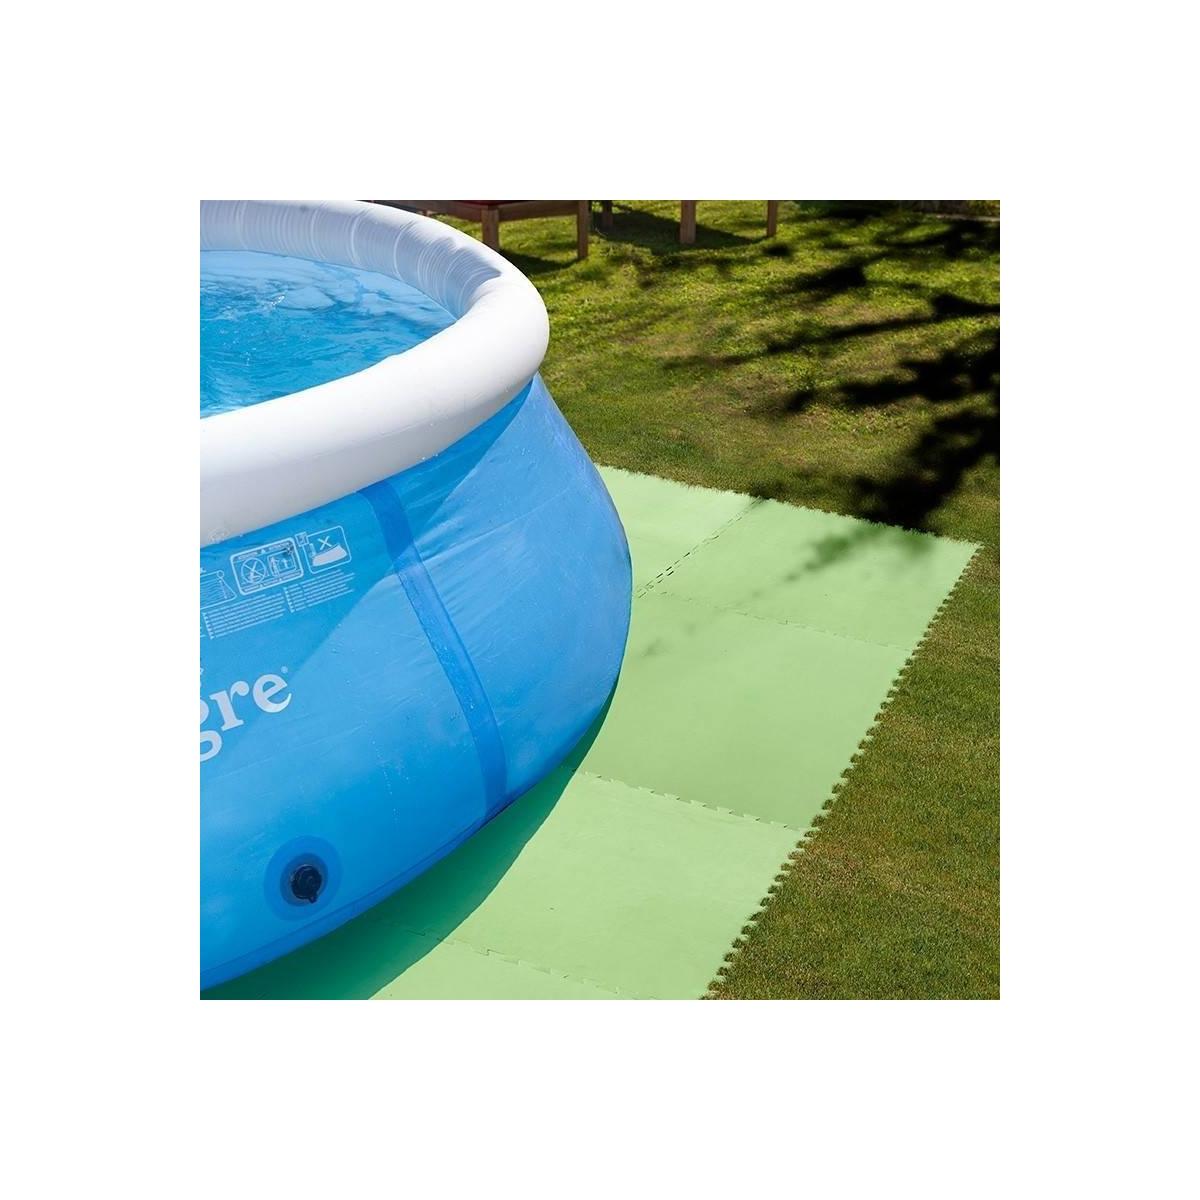 Protector de suelo de piscina Gre MPF819